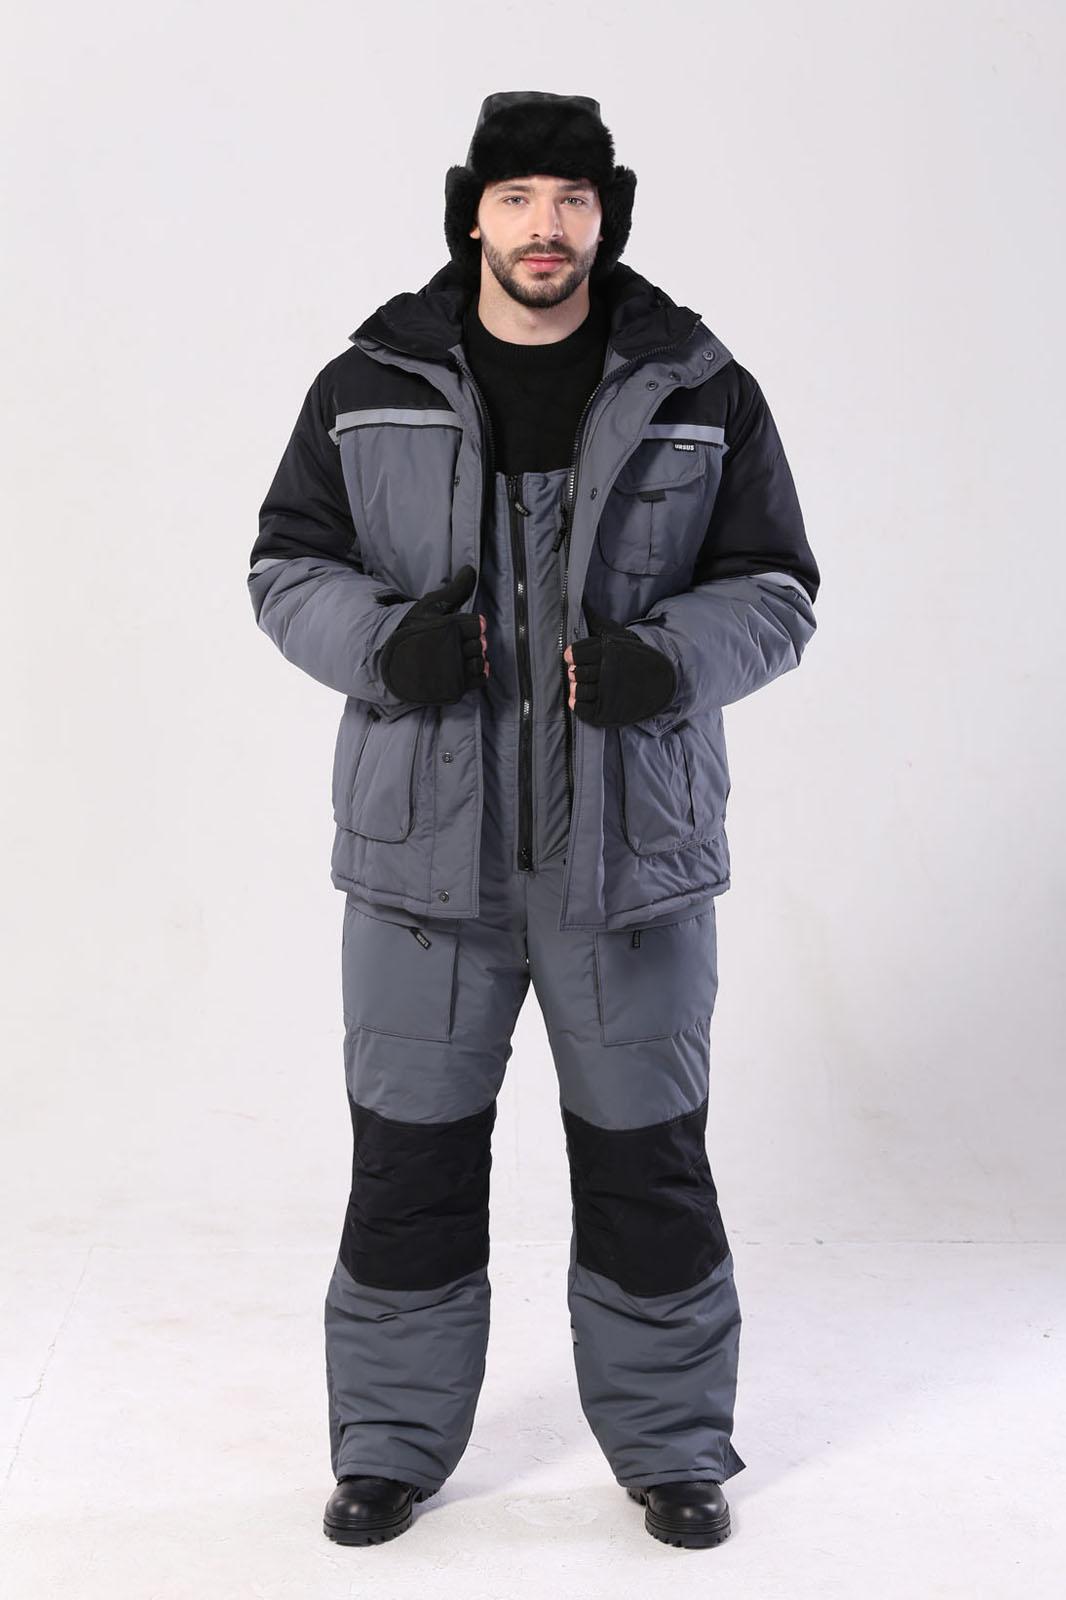 Костюм мужской Полюс (Термофайбер) зимний Костюмы утепленные<br>4 класс защиты. Куртка и полукомбинезон. <br>-отстёгивающая подстёжка куртки -нижние <br>накладные карманы куртки на молнии -трикотажные <br>напульсники на куртке -световозвращающие <br>полосы на стропе -планка куртки на потайных <br>кнопках -внутренняя планка, закрывающая <br>верхний край молнии -внутренний карман <br>для документов -регулировка объёма низа <br>куртки и капюшона -ветрозащитный пояс на <br>резинке -притачной капюшон на флисовой <br>подкладке -капюшон можно одевать на каску <br>-центральная двухзамковая молния на полукомбинезоне <br>-шлёвки под ремень -трикотажные вставки <br>в боковых швах полукомбинезона -объёмные <br>утеплённые карманы -усилительные накладки <br>полукомбинезона в области колена -регулировка <br>низа брюк по ширине<br><br>Пол: мужской<br>Размер: 48-50<br>Рост: 170-176<br>Сезон: зима<br>Материал: «Таслан» (100% полиэстер) пл. 135 г/м2, ВО